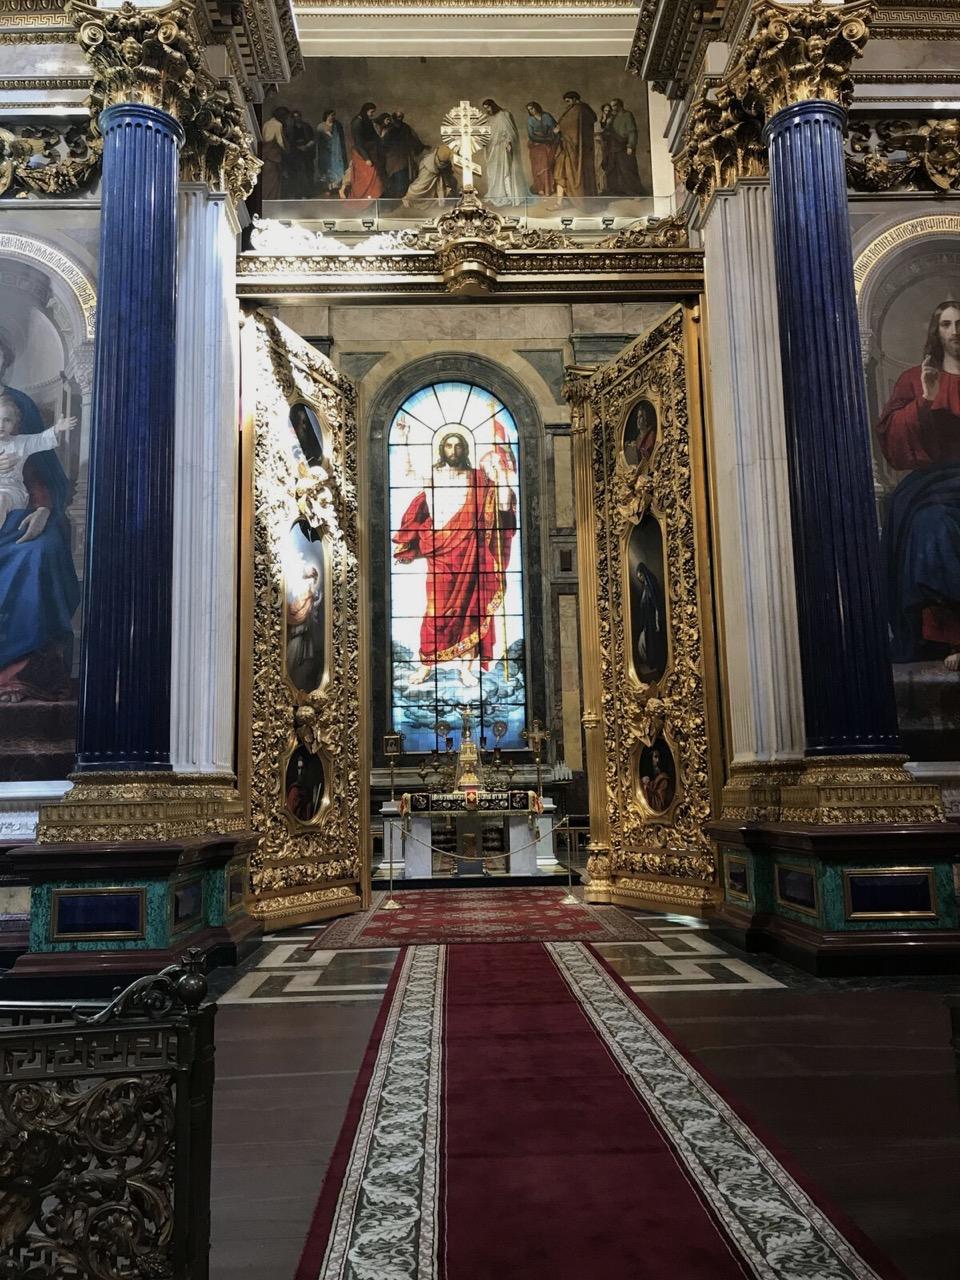 teri_St.Petersburg_St.Isaacs_Churchofspilledblood_travel_spiritedtable_photo21.jpg